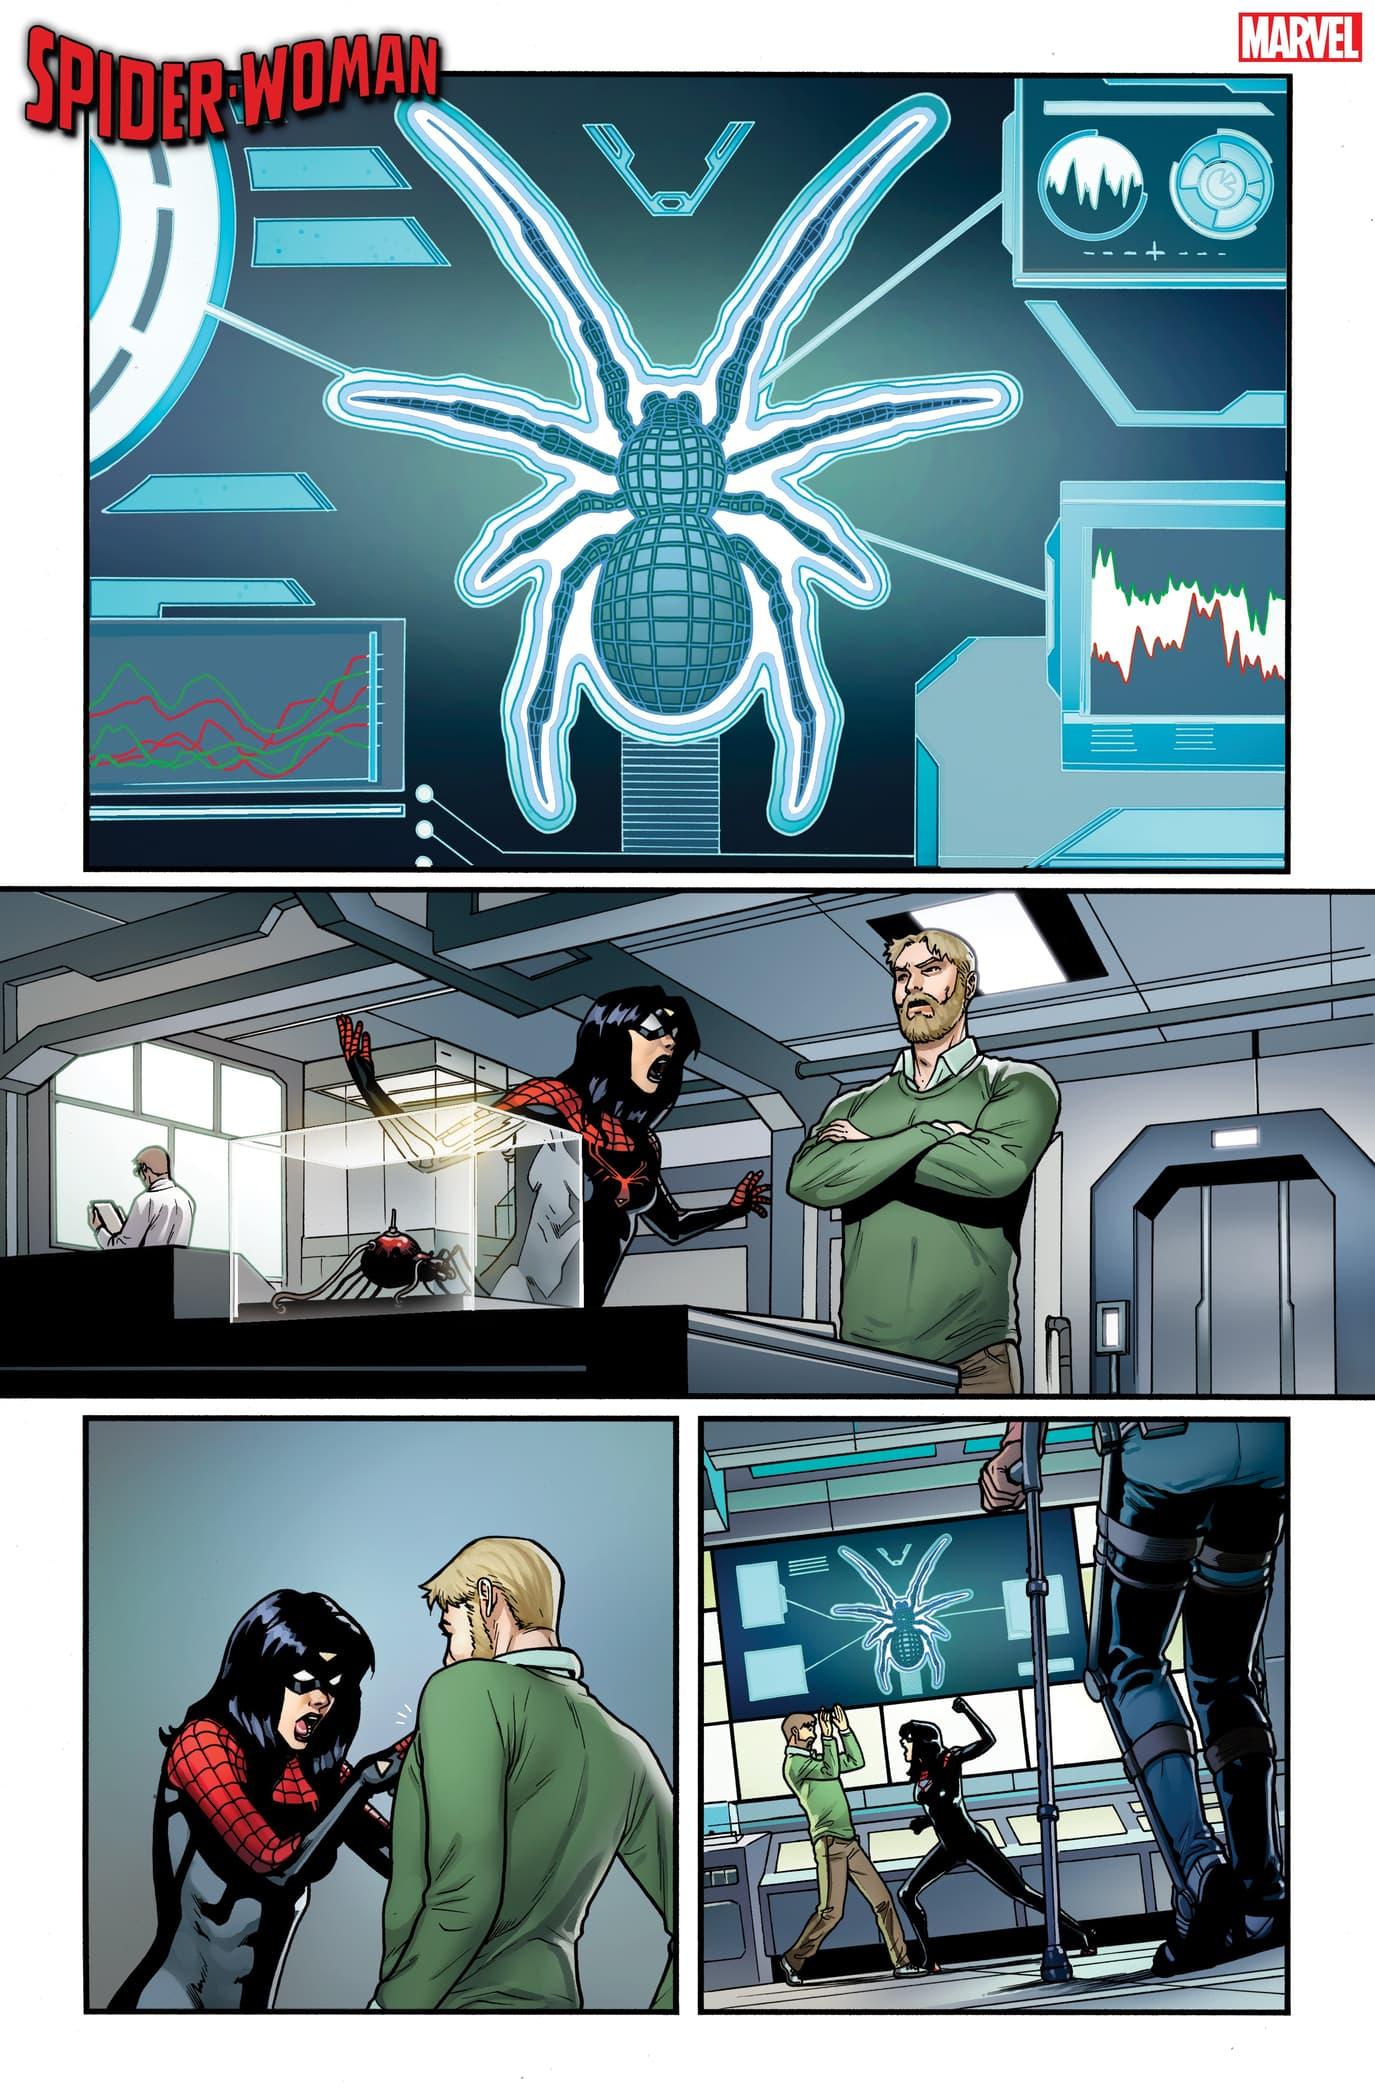 SPIDER-WOMAN # 3 previews de interiores por Pere Pérez com cores de Frank D'Armata